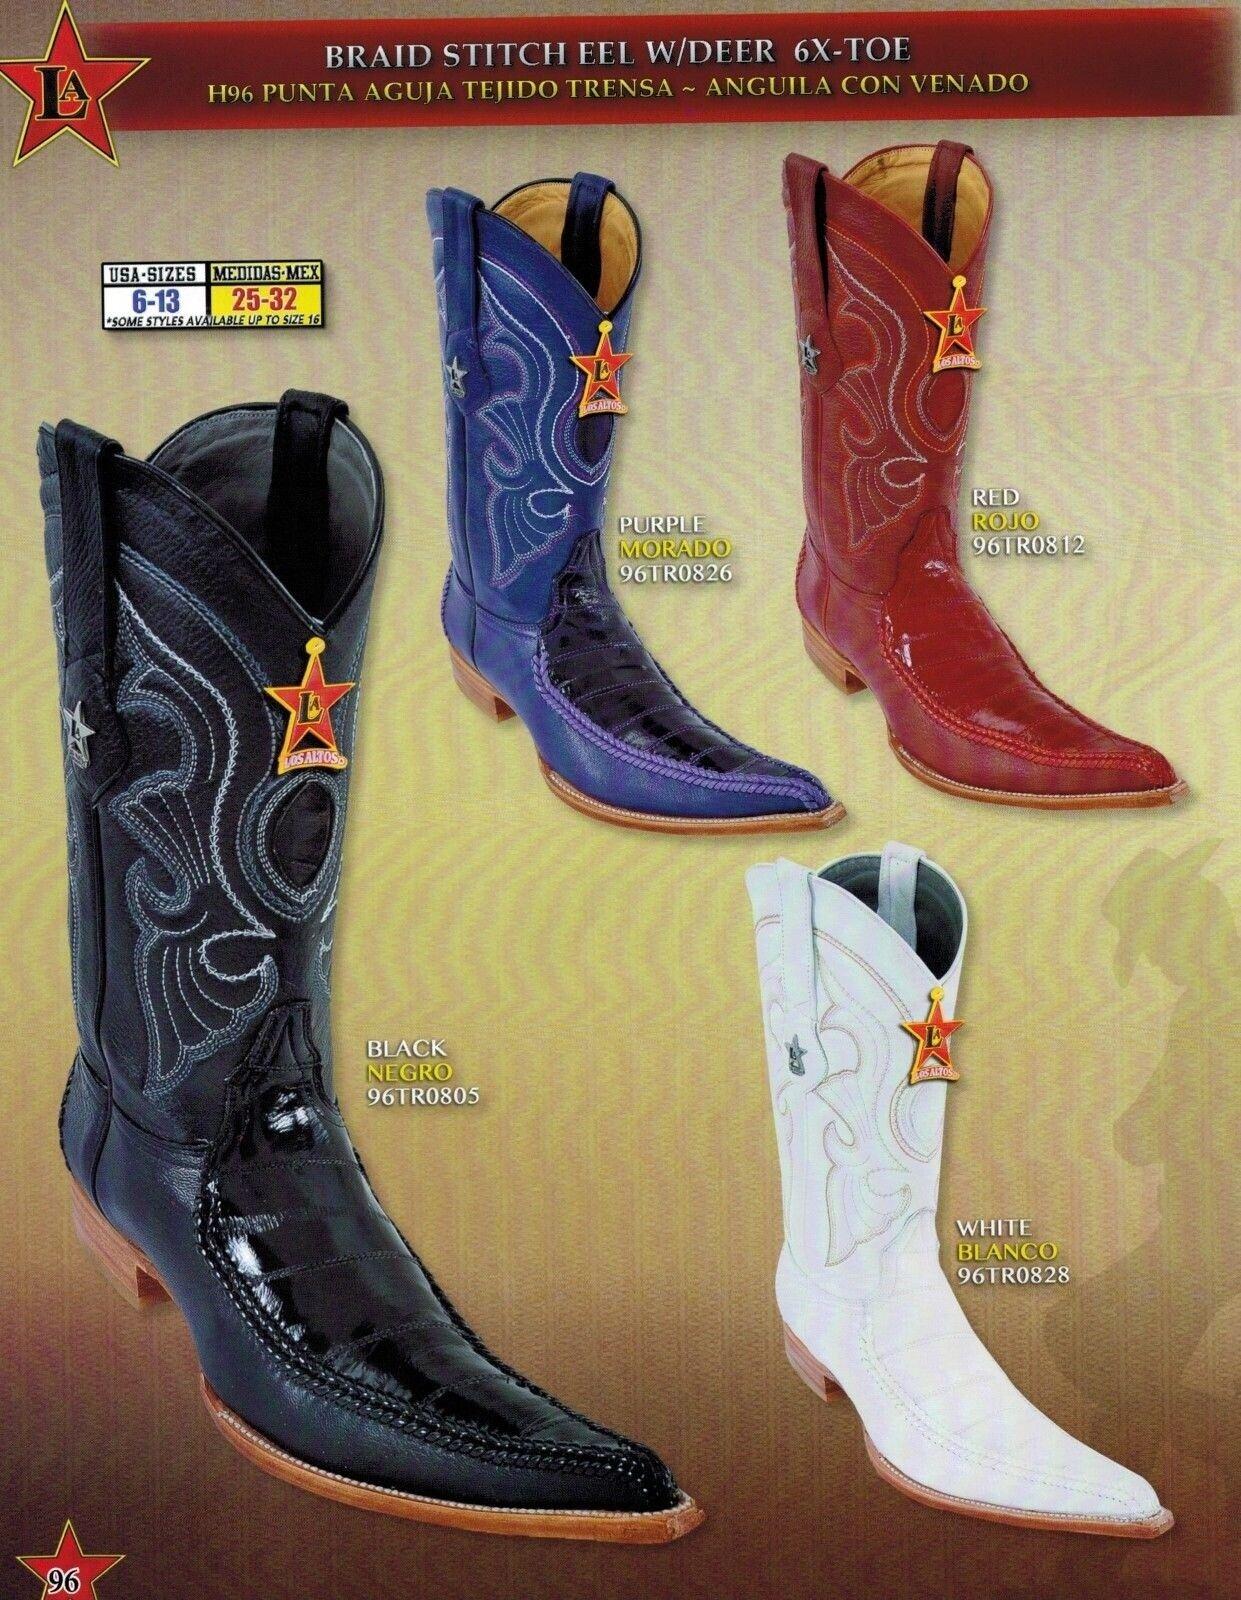 Los Altos para hombre 6X-Toe genuino botas de vaquero occidental Anguila con ciervos diff. Colors